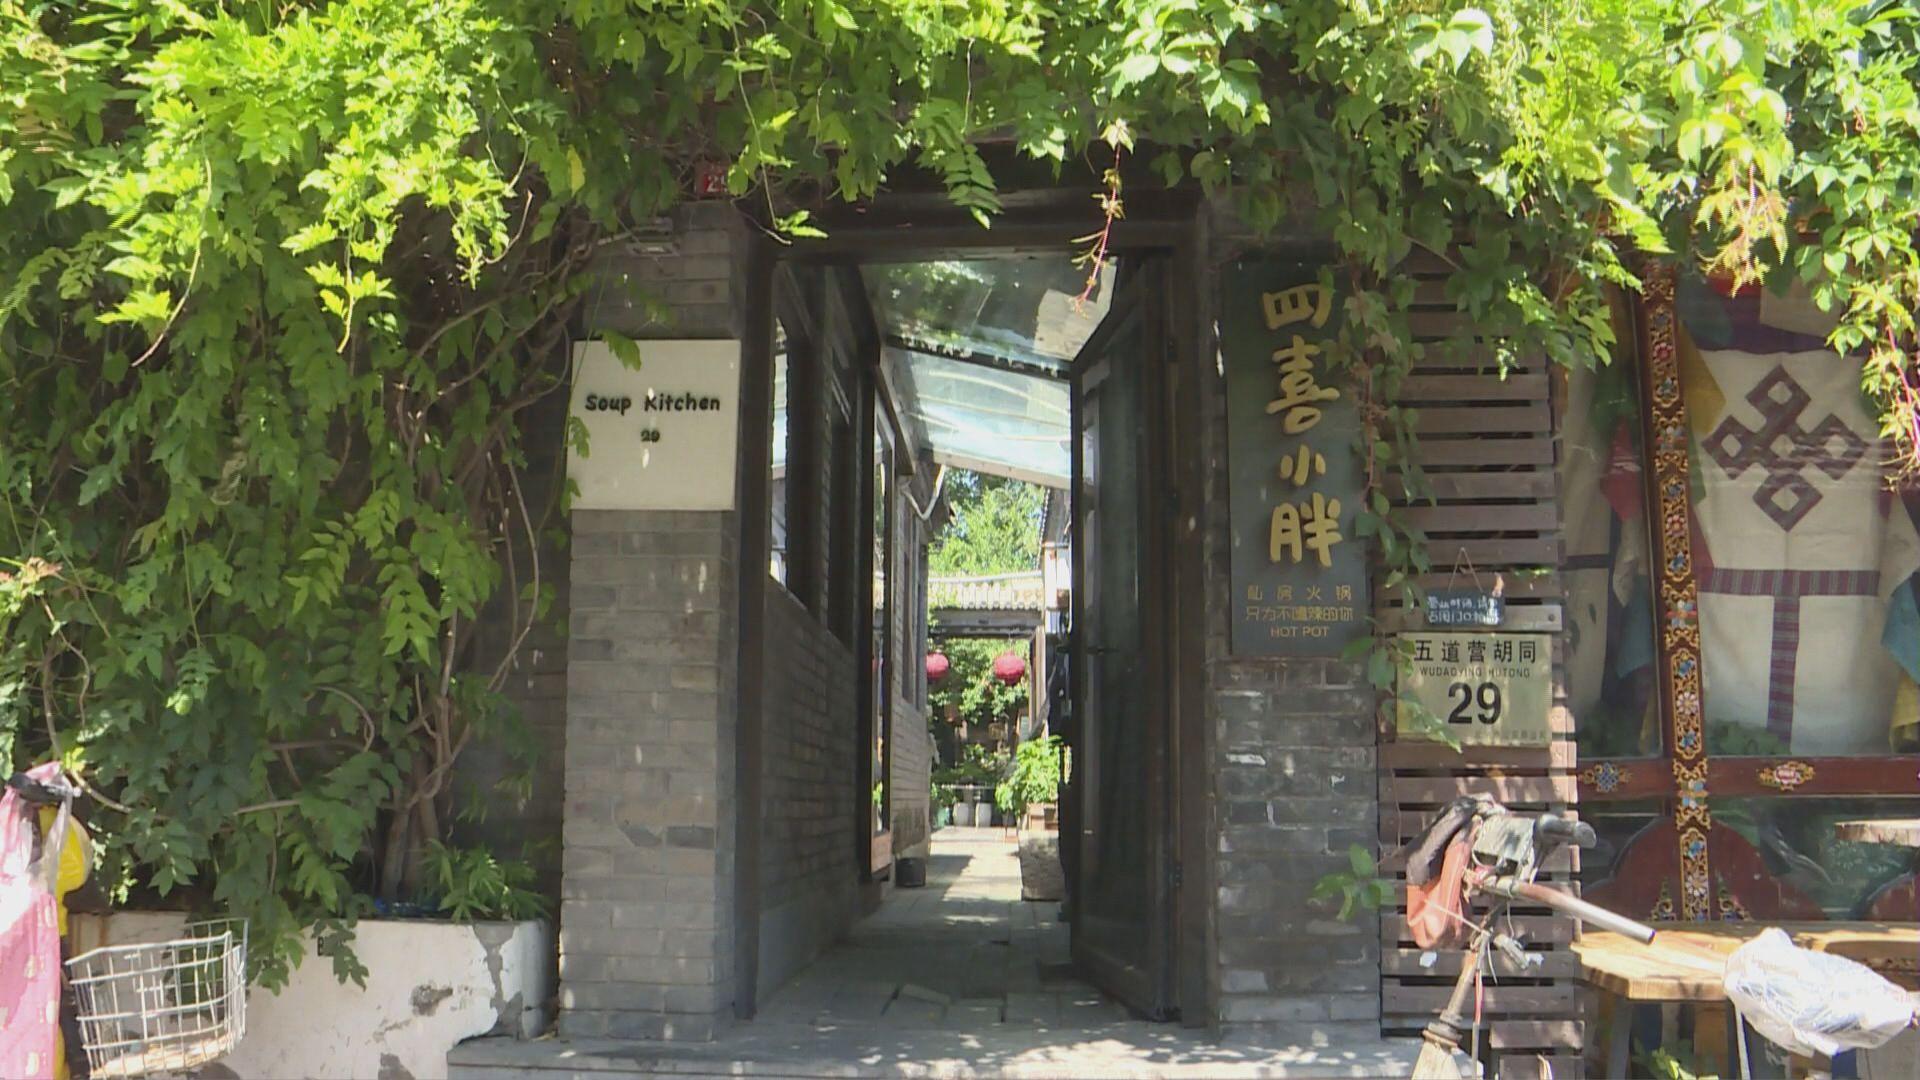 【首都專線】北京胡同再遭整頓恐失歷史文化風貌